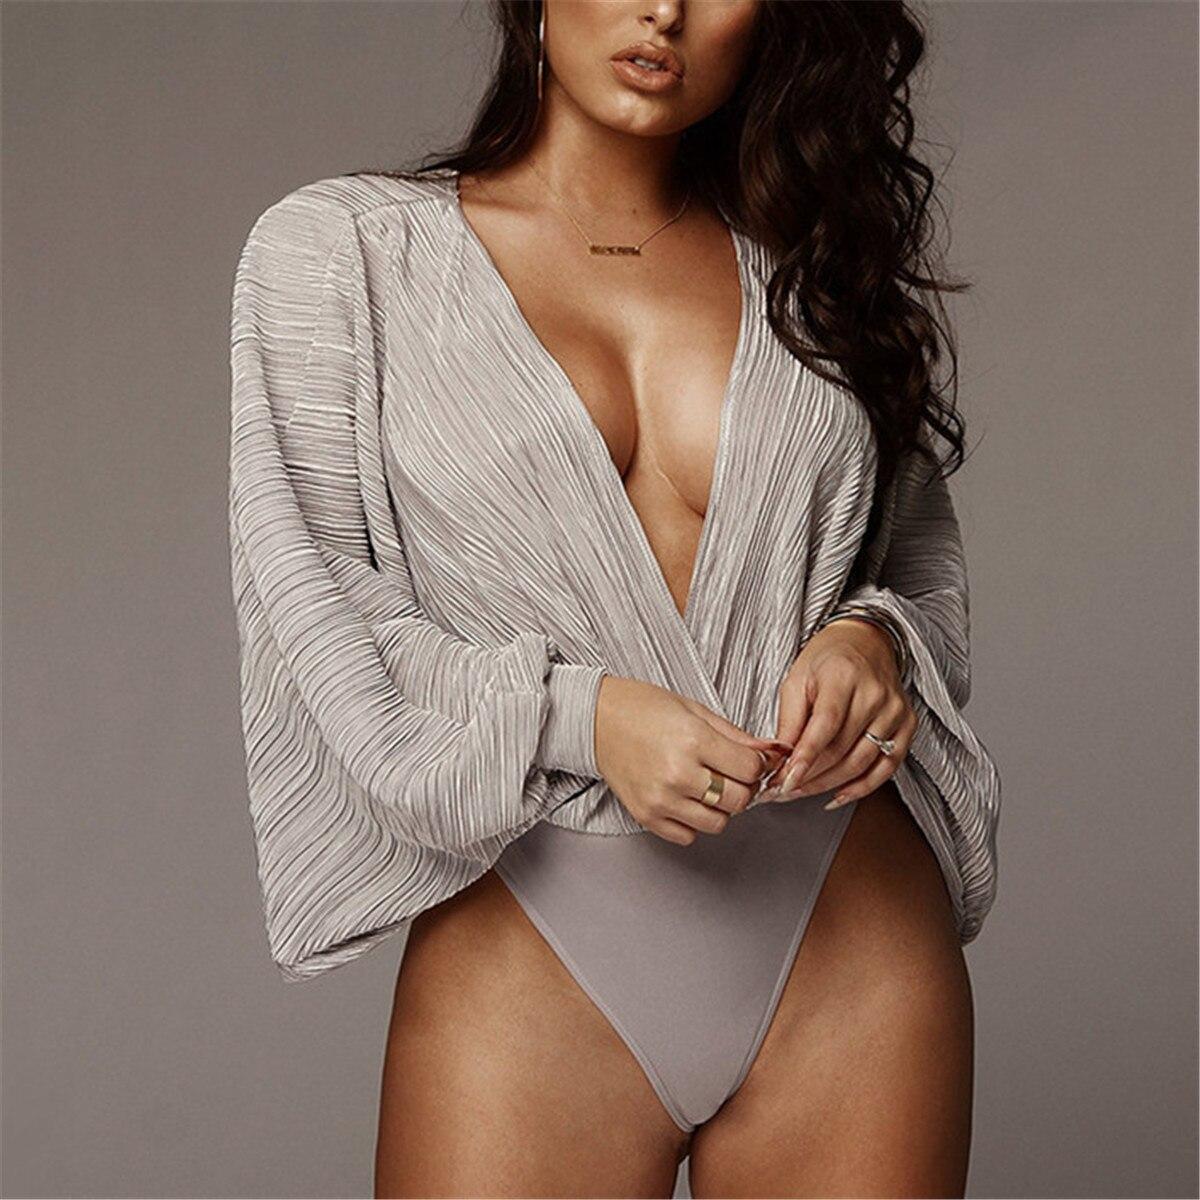 Женский сексуальный глубокий v образный вырез с длинным рукавом боди свободный комбинезон плиссированный комбинезон трико боди рубашки то